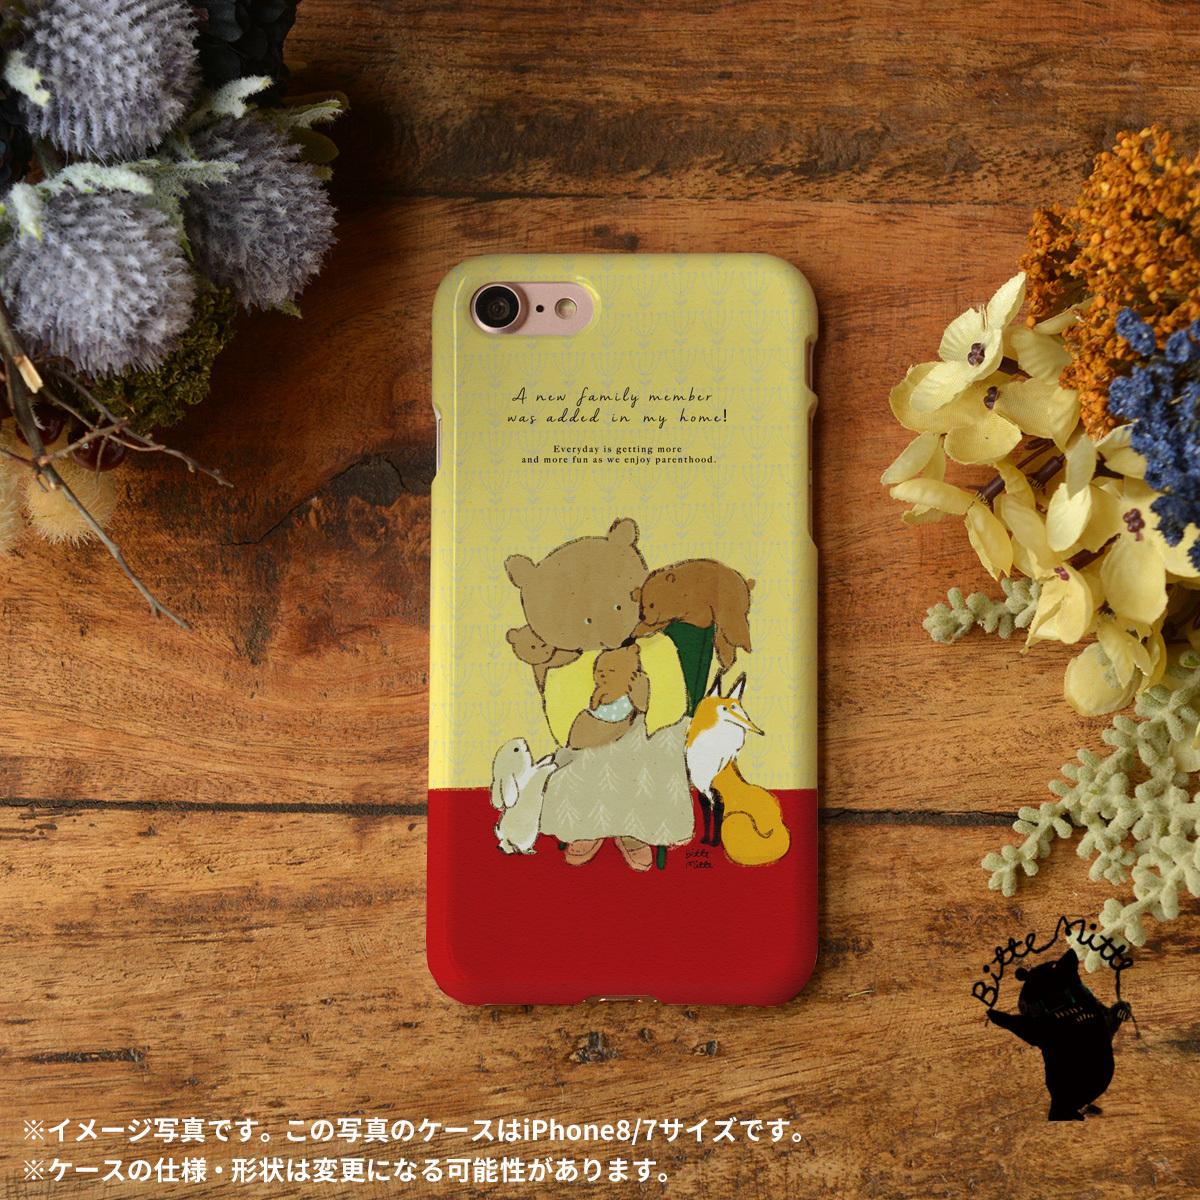 iphone8 ハードケース おしゃれ iphone8 ハードケース シンプル iphone7 ケース かわいい くま クマ 出産祝い おめでとう、よろしくね/Bitte Mitte!